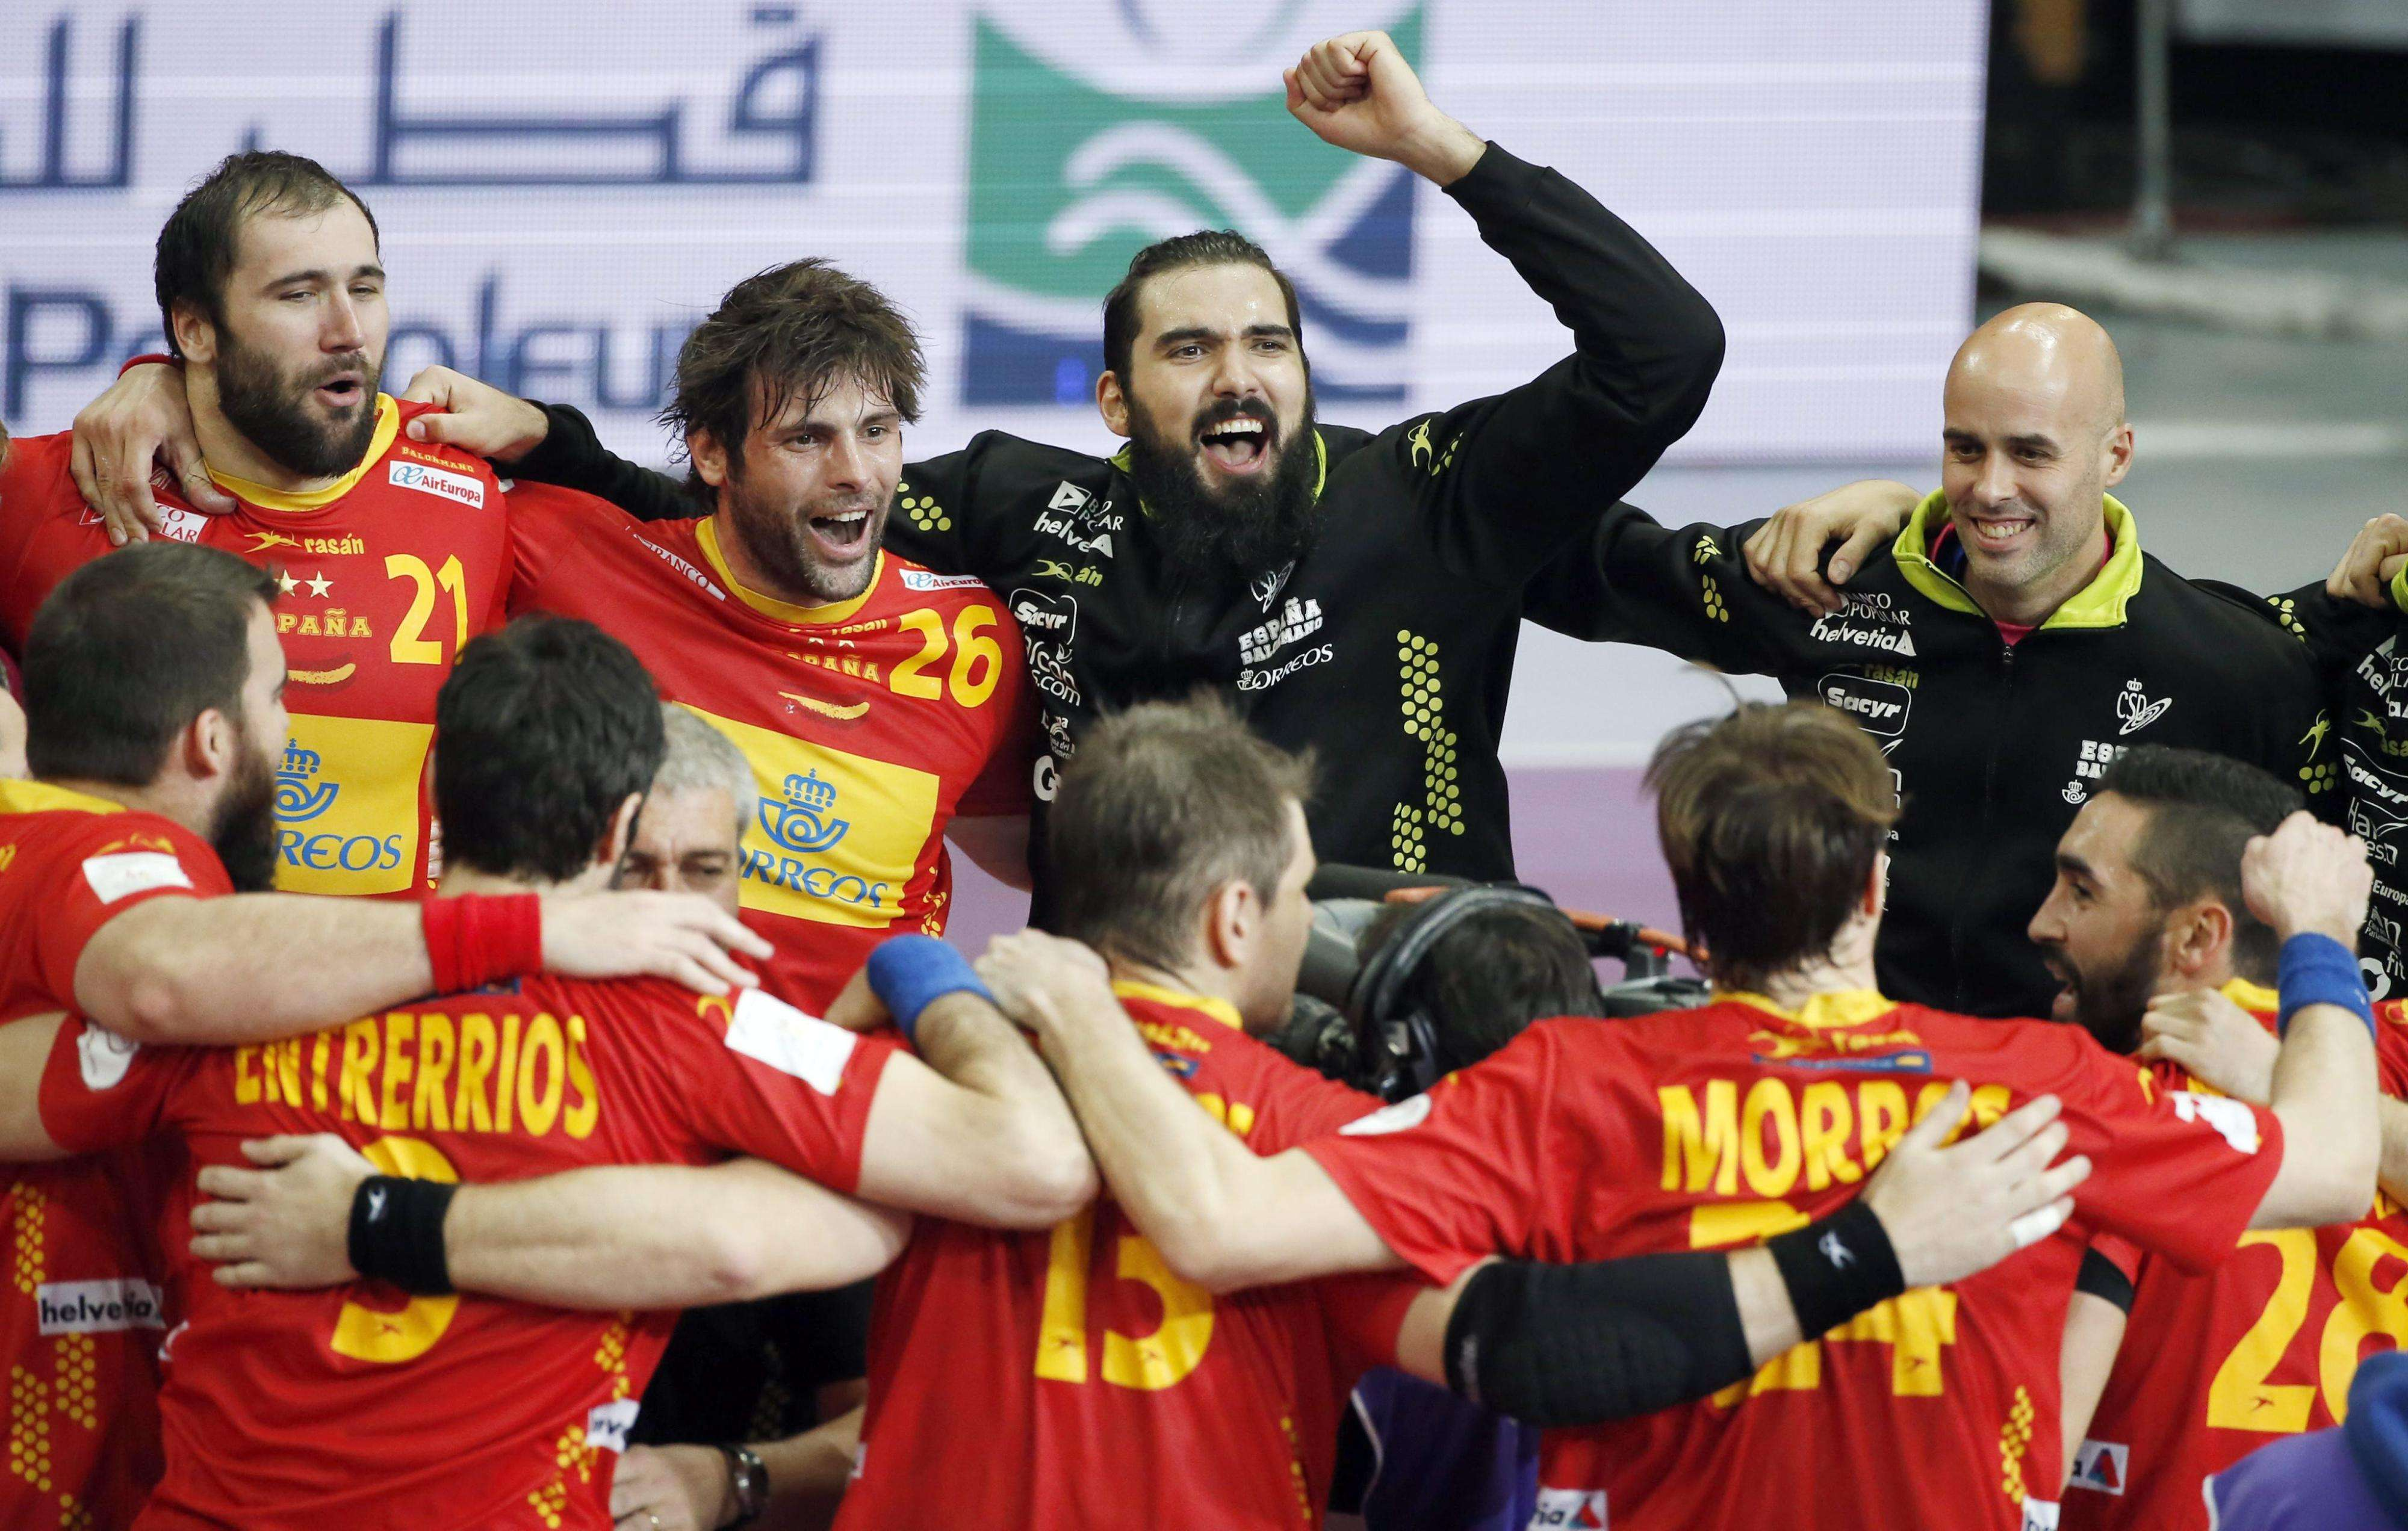 España celebra su victoria sobre Túnez en octavos de final en el Mundial de Catar 2015. Foto: EFE en español